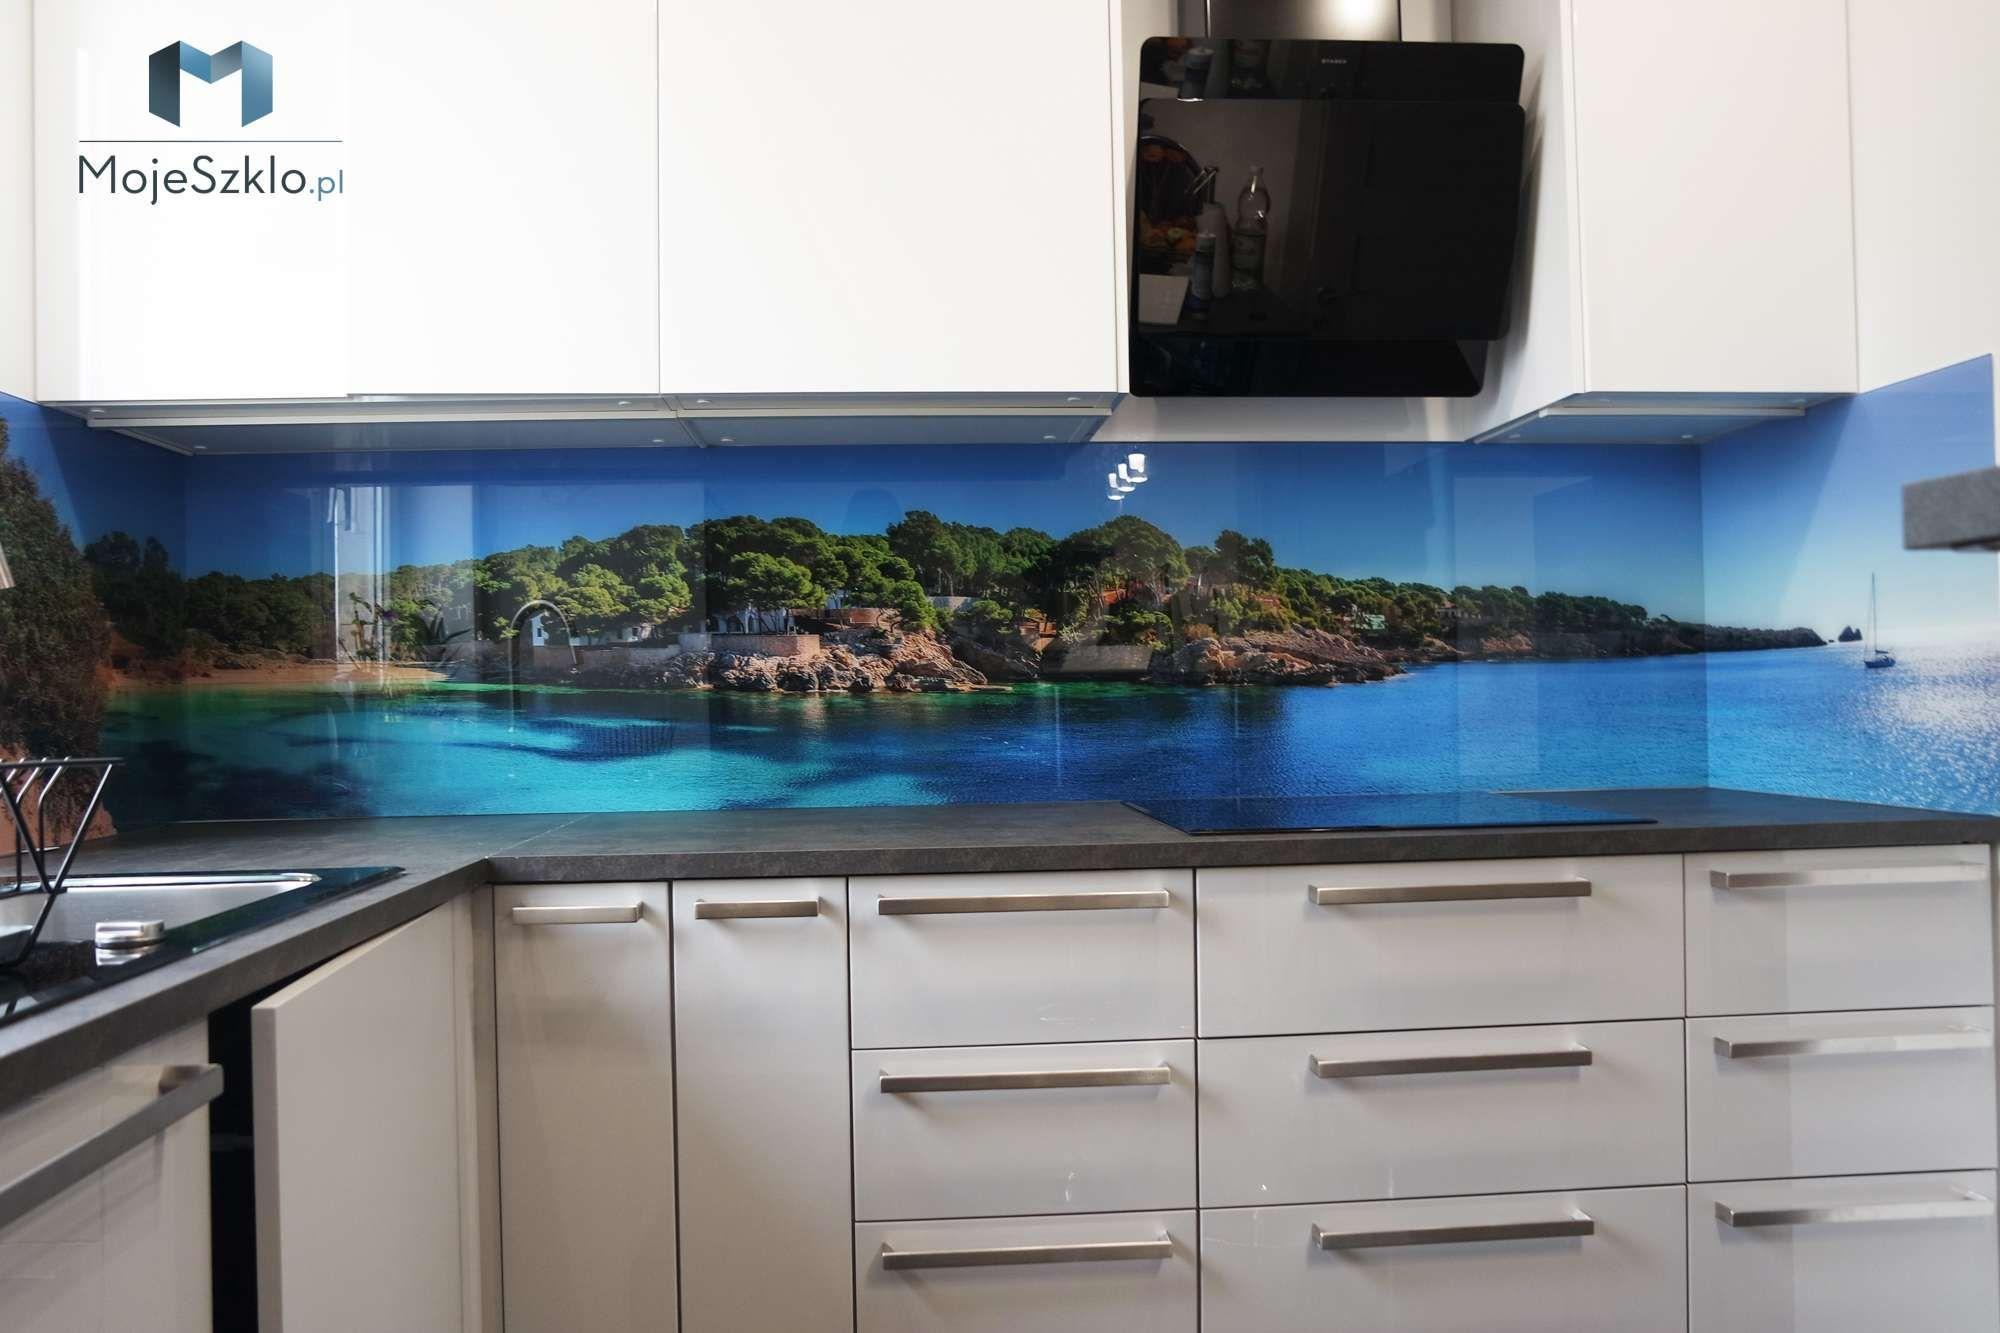 Grafika Na Szkle Krajobraz Morski Kitchen Design Home Decor